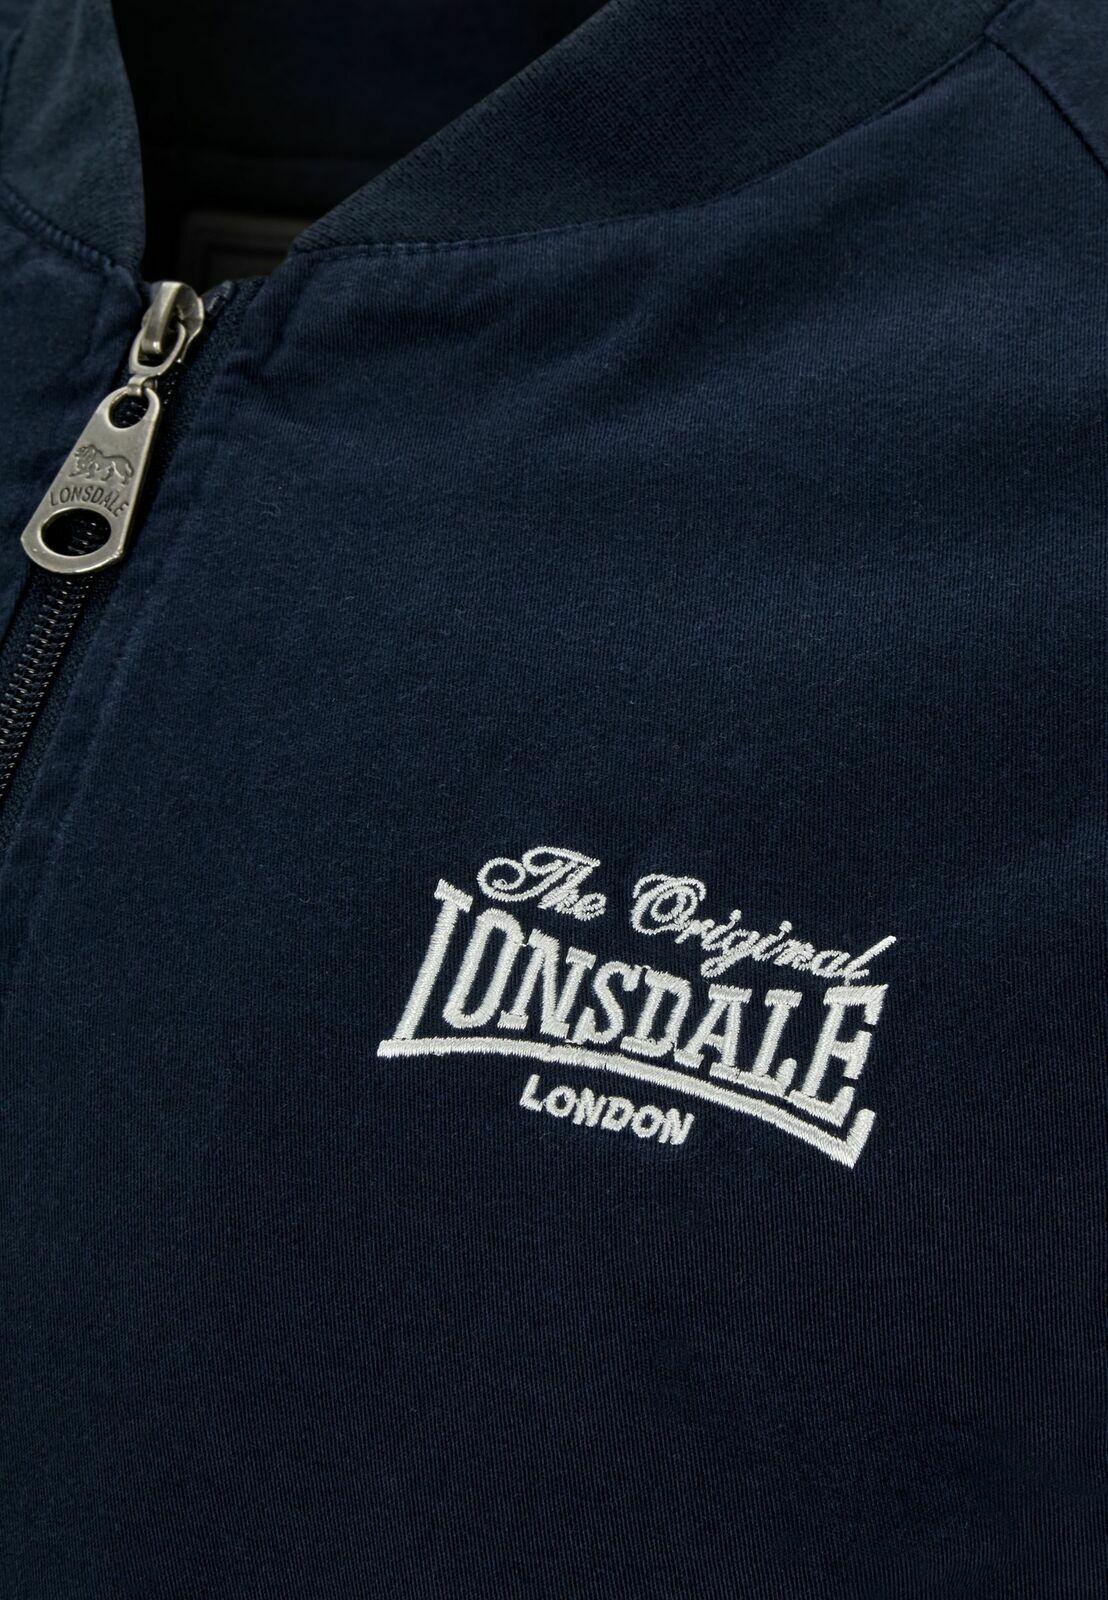 LONSDALE Veste BORGUE Homme 113534 Neuf Navy Blue Bleu Printemps 2020